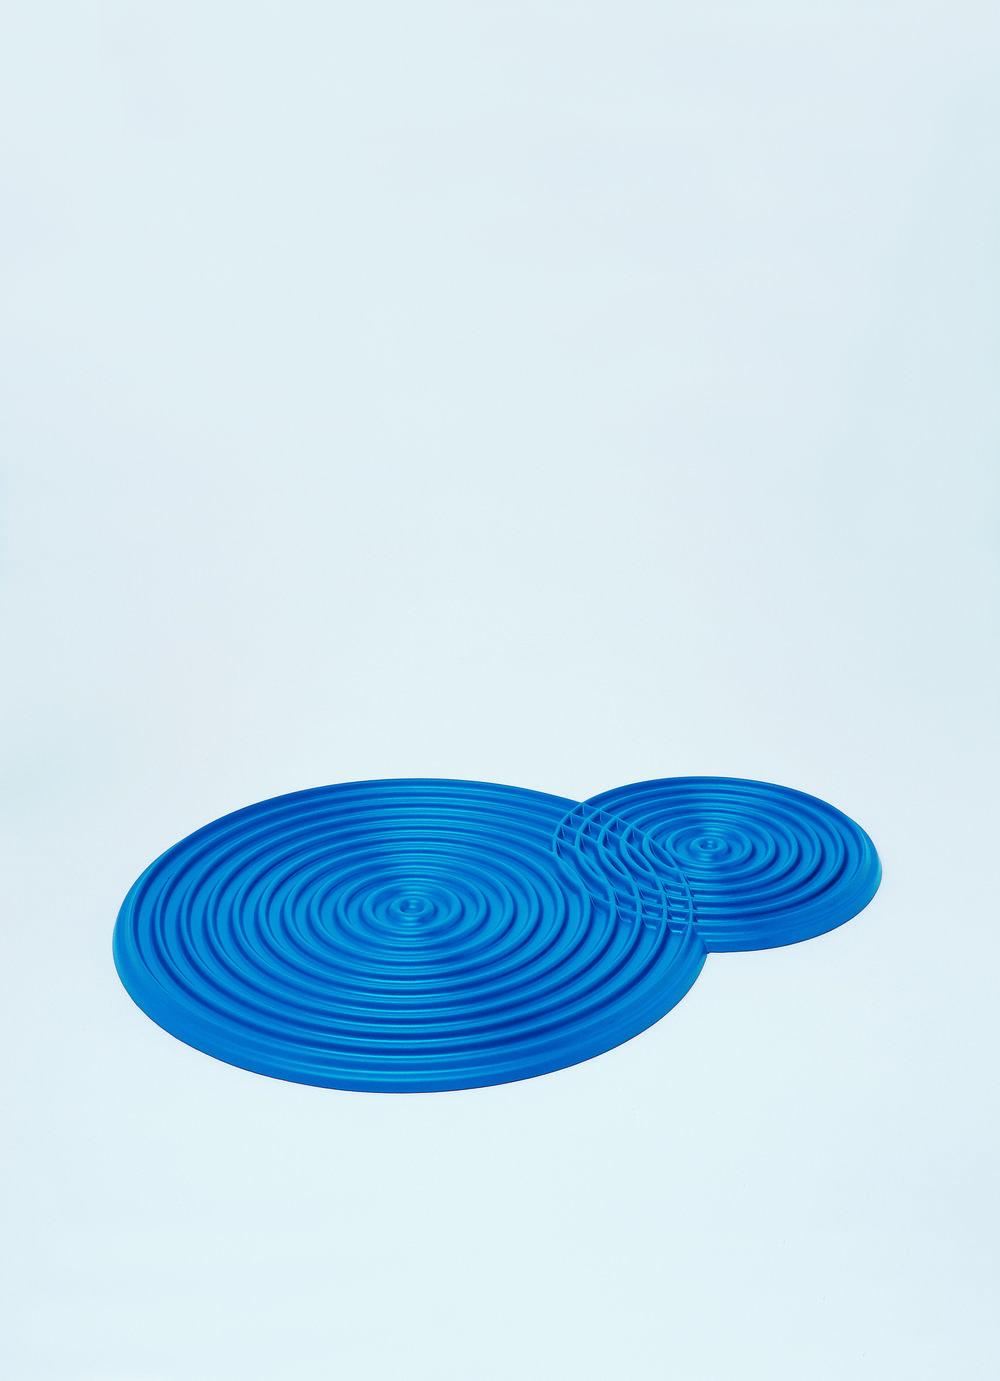 bsign-accesorios-productos-baño-alfombra-gotas